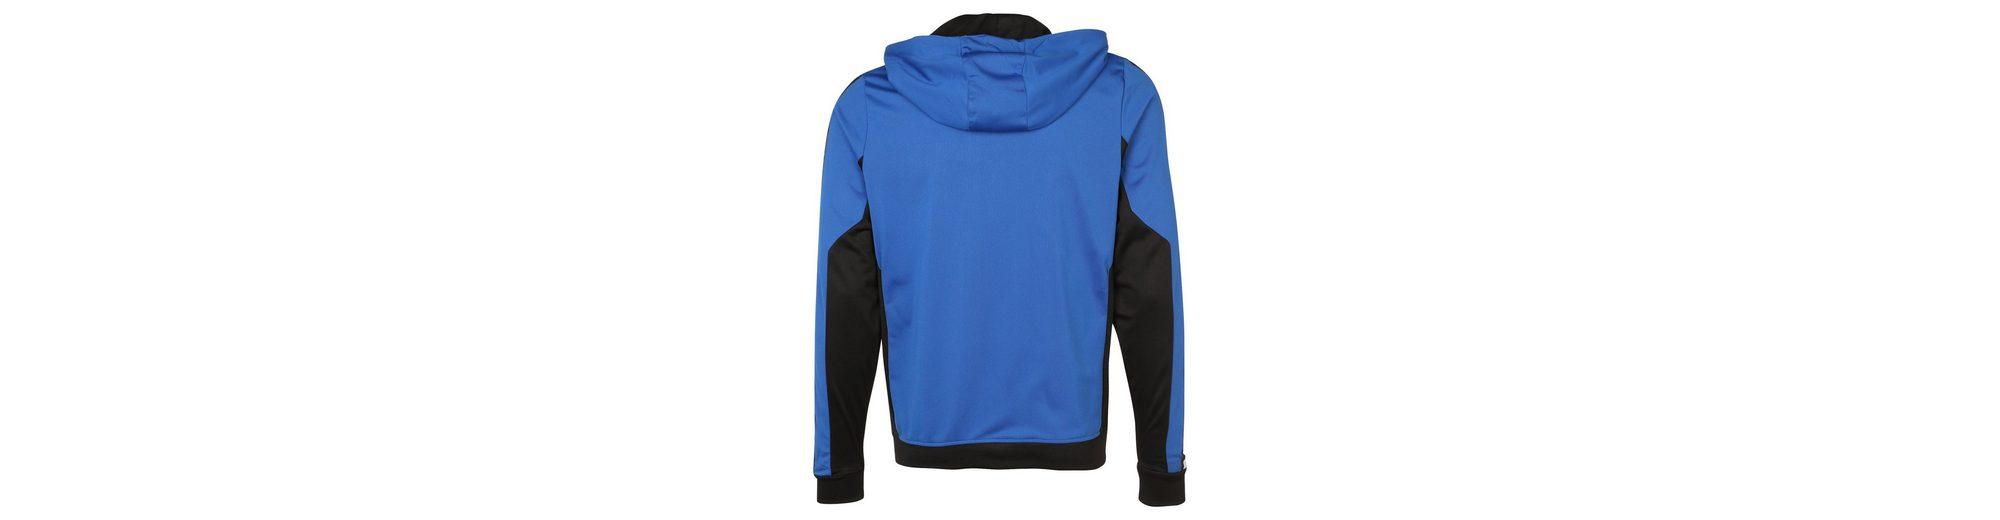 Rabatt Sast ERIMA 5-CUBES Trainingsjacke mit Kapuze Herren Kostenloser Versand Zu Kaufen Neue Online-Verkauf Os9n7rqrKy